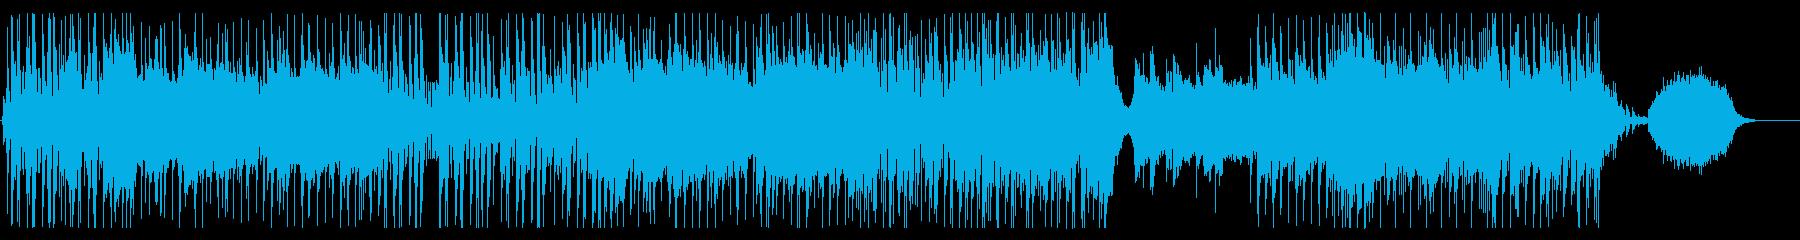 爽やかなギターポップ-Aの再生済みの波形